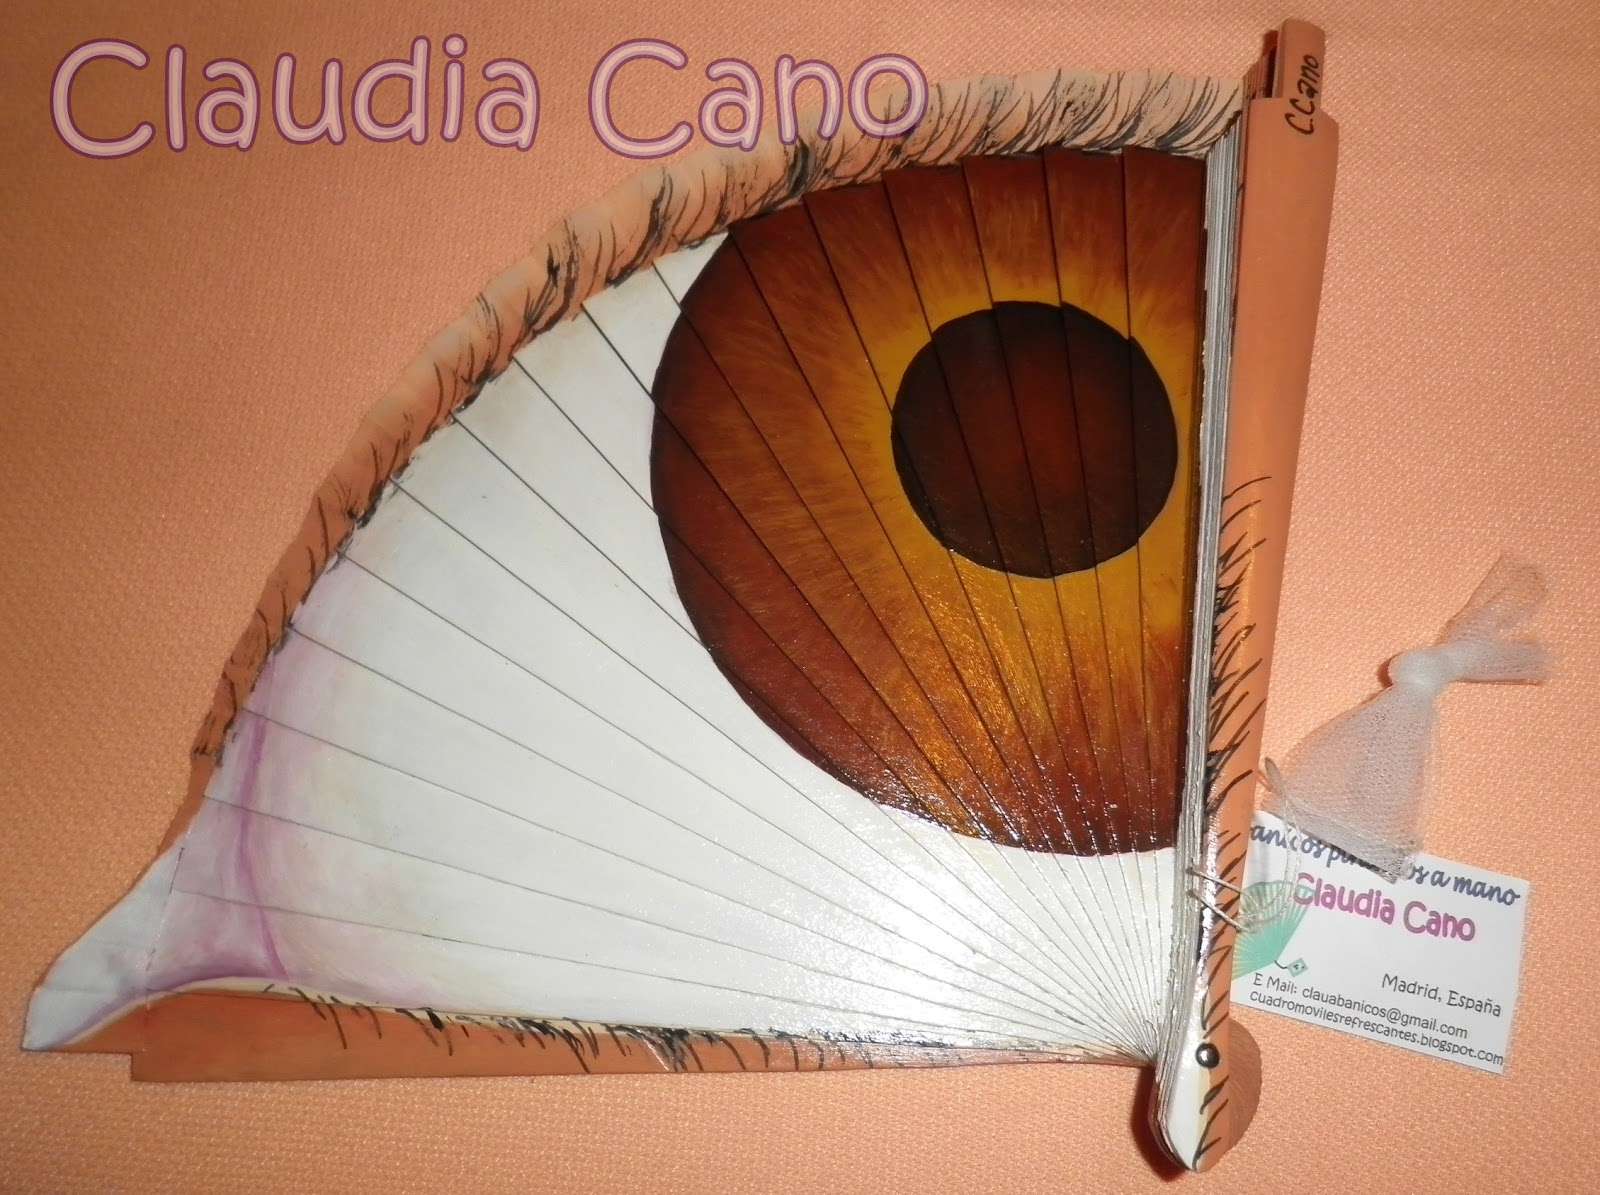 Abanicos pintados a mano por claudia cano abril 2012 - Abanicos pintados a mano originales ...